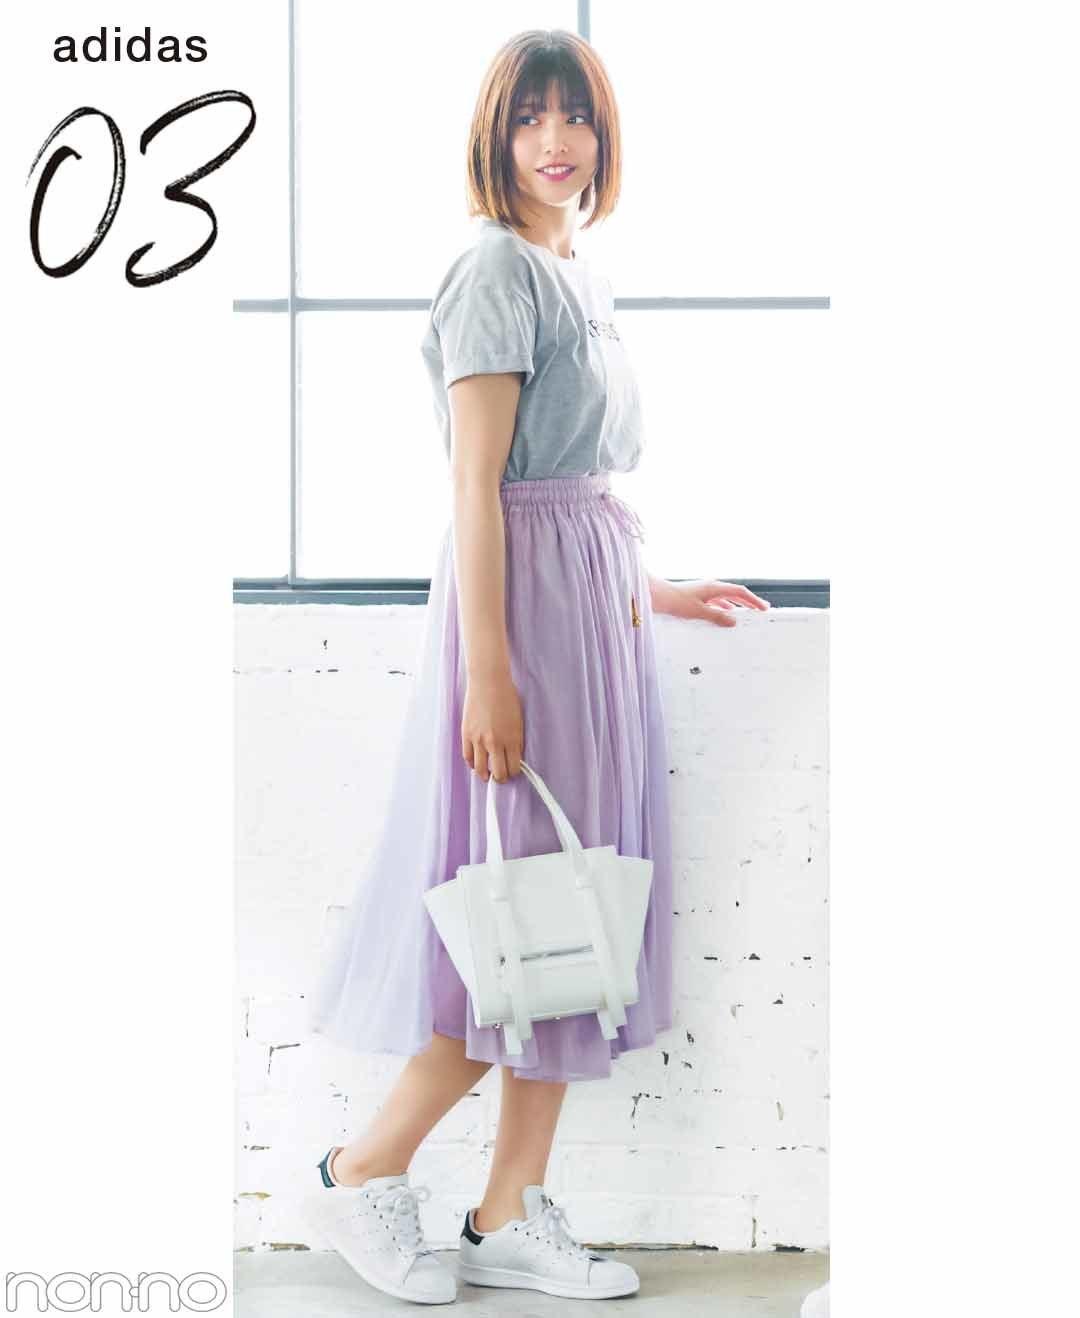 【夏のスニーカーコーデ】江野沢愛美渡邉理佐のTシャツのデイリーコーデは、辛口レザーで大人カジュアル。